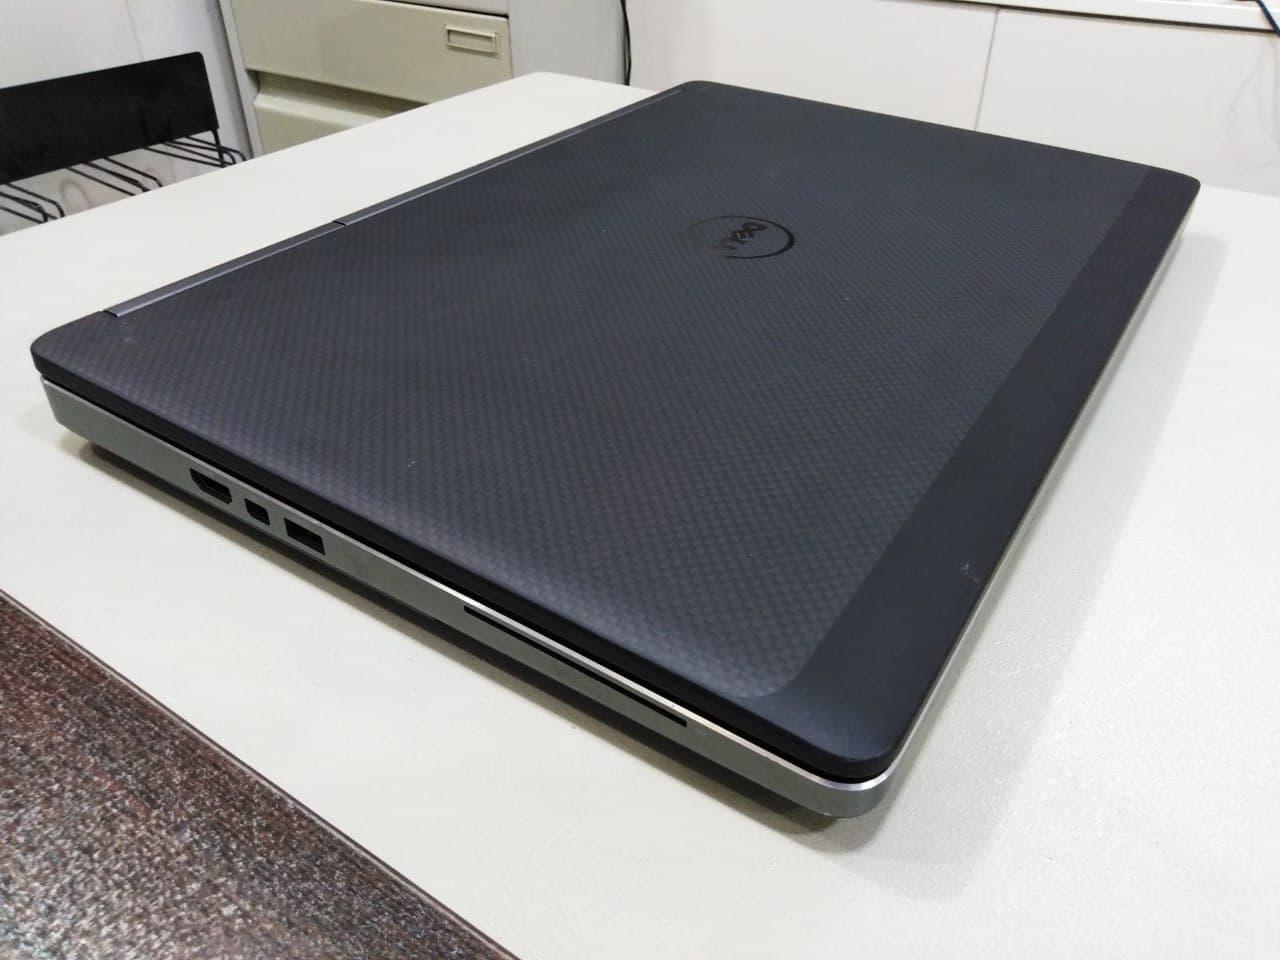 Dell Precision 7510 - Xeon E3/2G/15